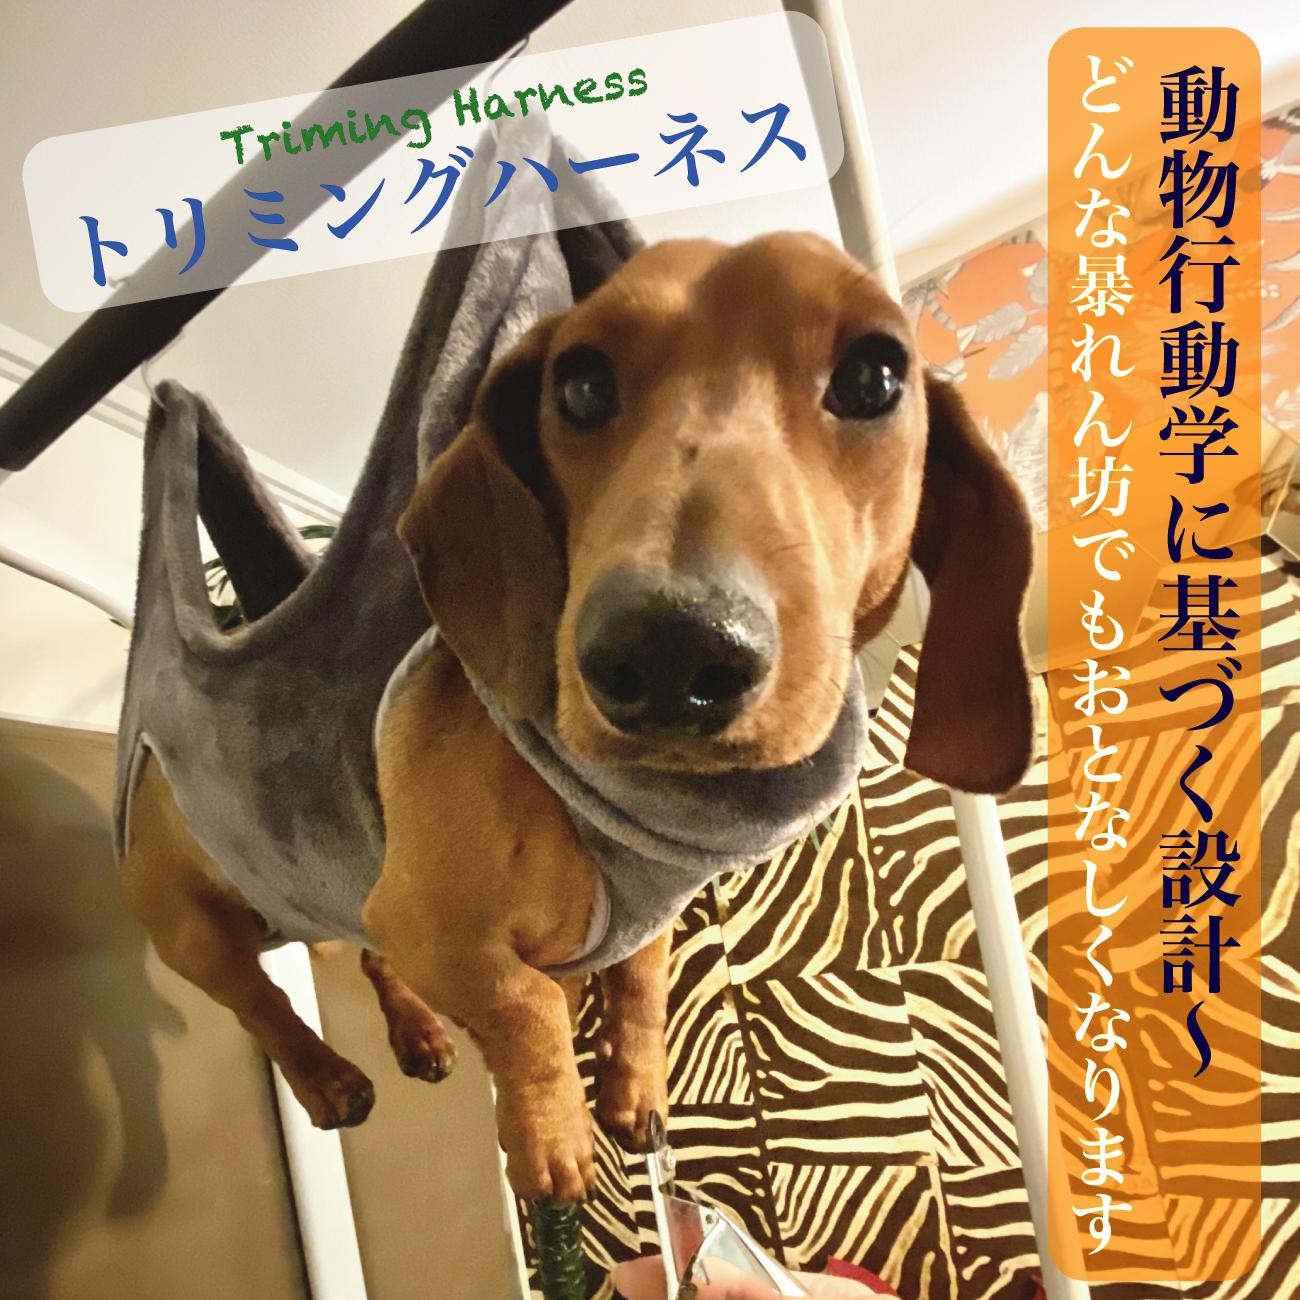 犬猫の行動医学から生まれたトリミングハーネス~どんな暴れん坊でもおとなしくなります 犬 爪切りトリミング 吊り下げ ハーネス ハンモック ペット用品 耳掃除 歯磨き 暴れ防止 猫 万能ネット 補助 黒 ブラック